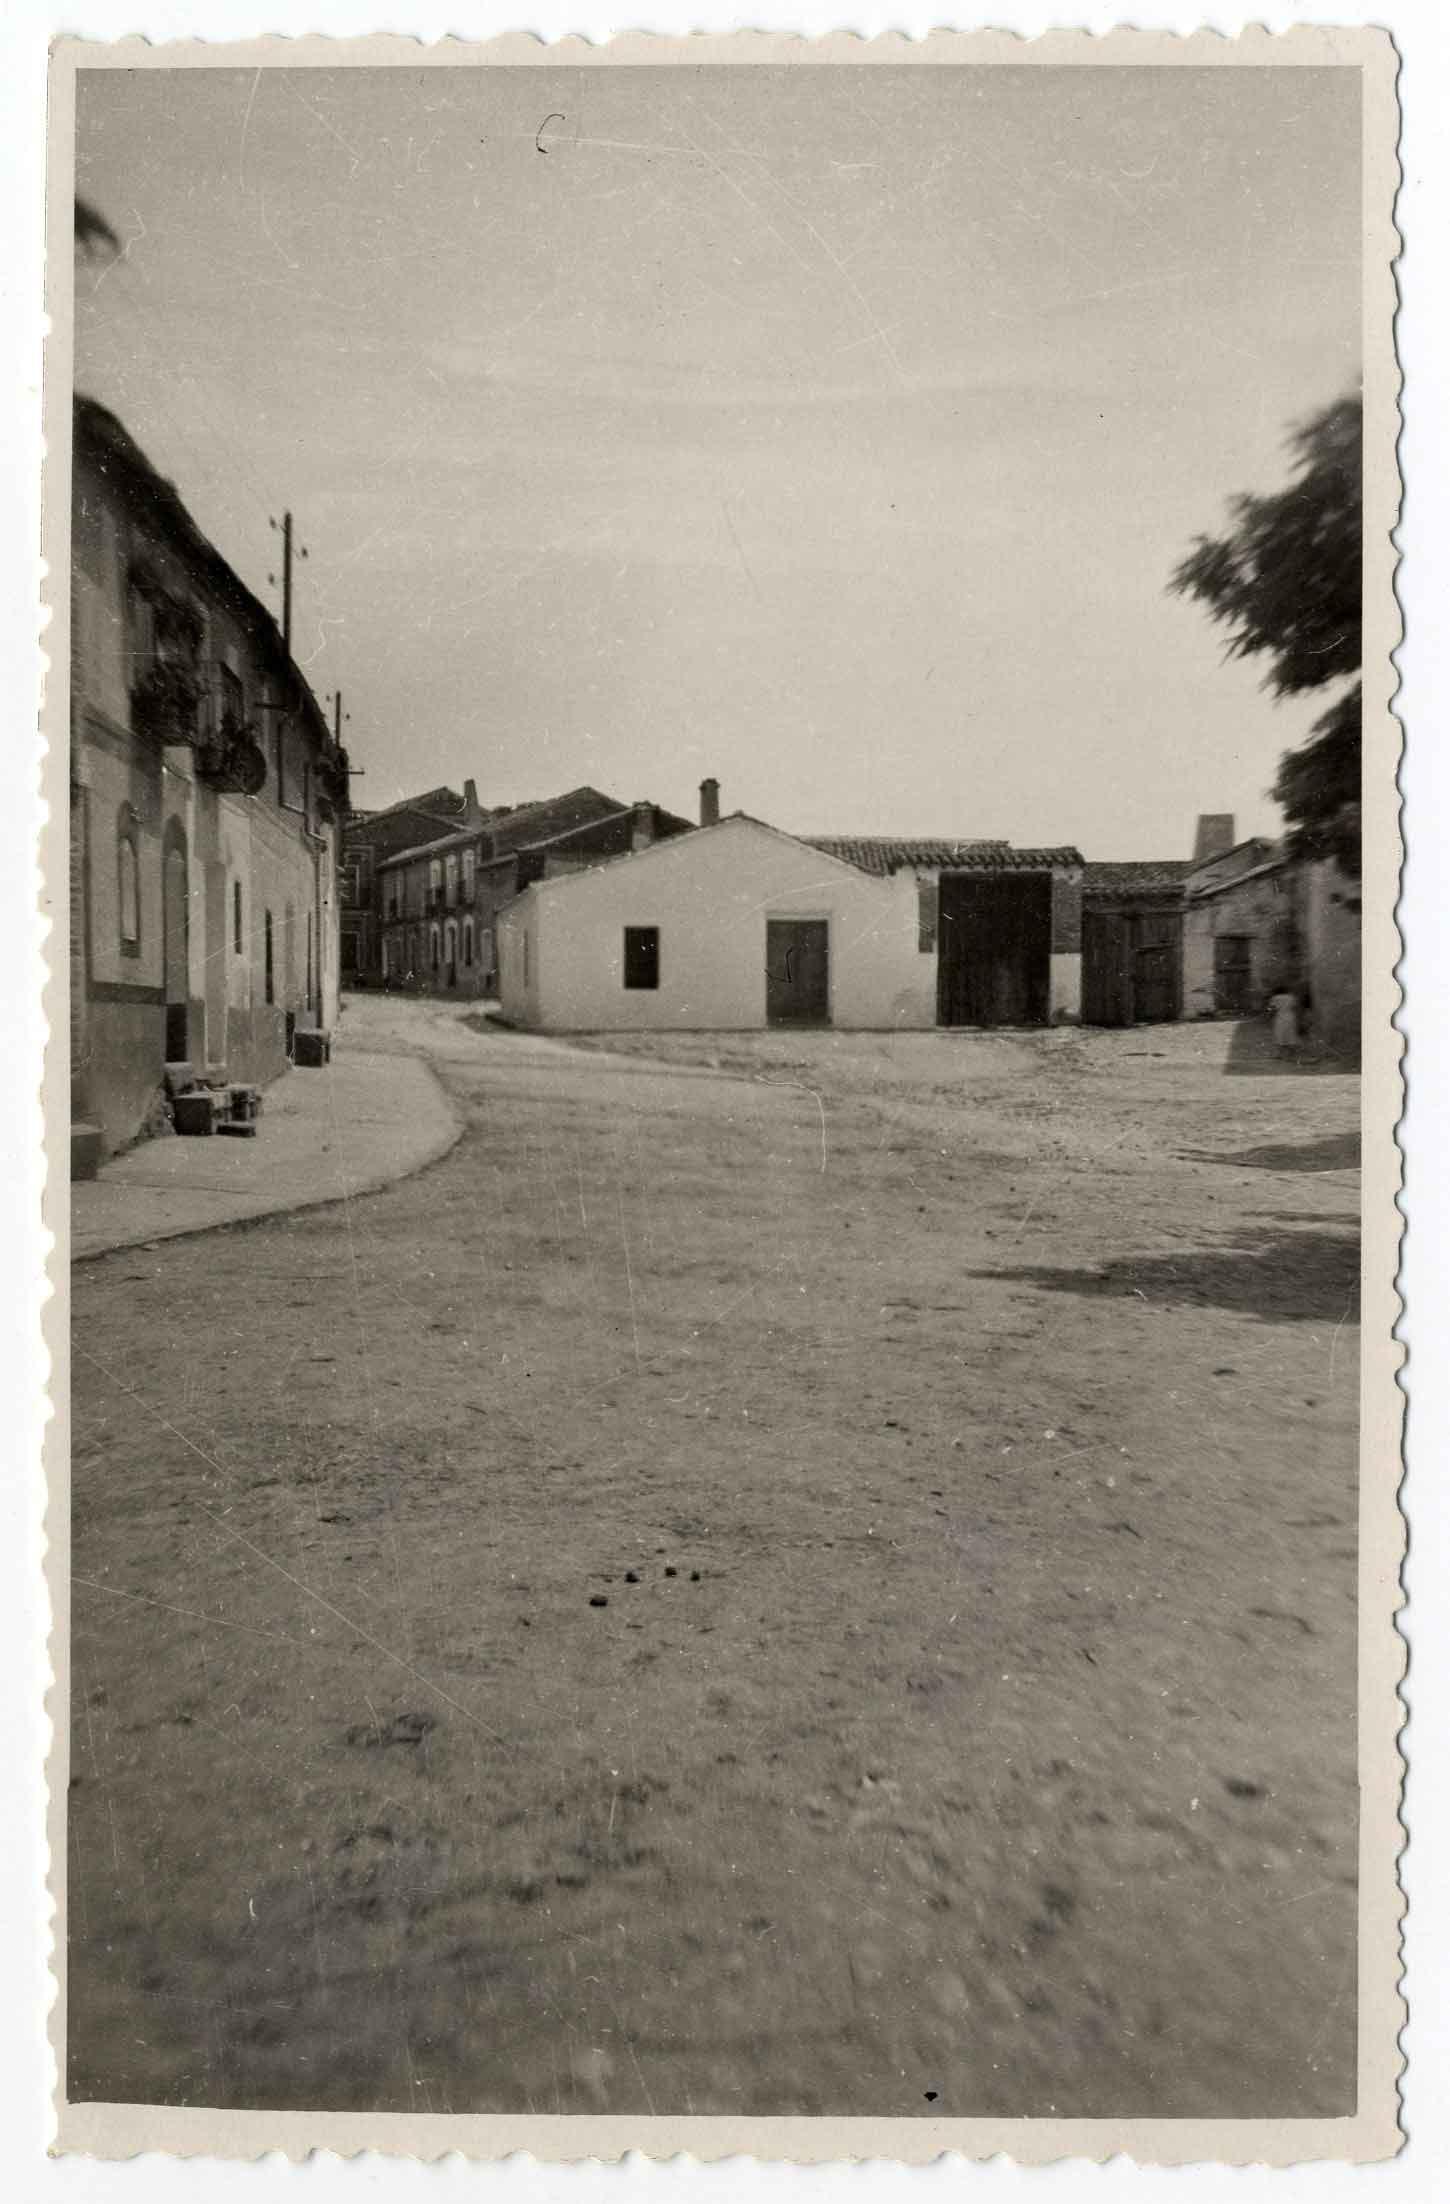 Hormigos. Plaza del Generalísimo 1959 (P-340)